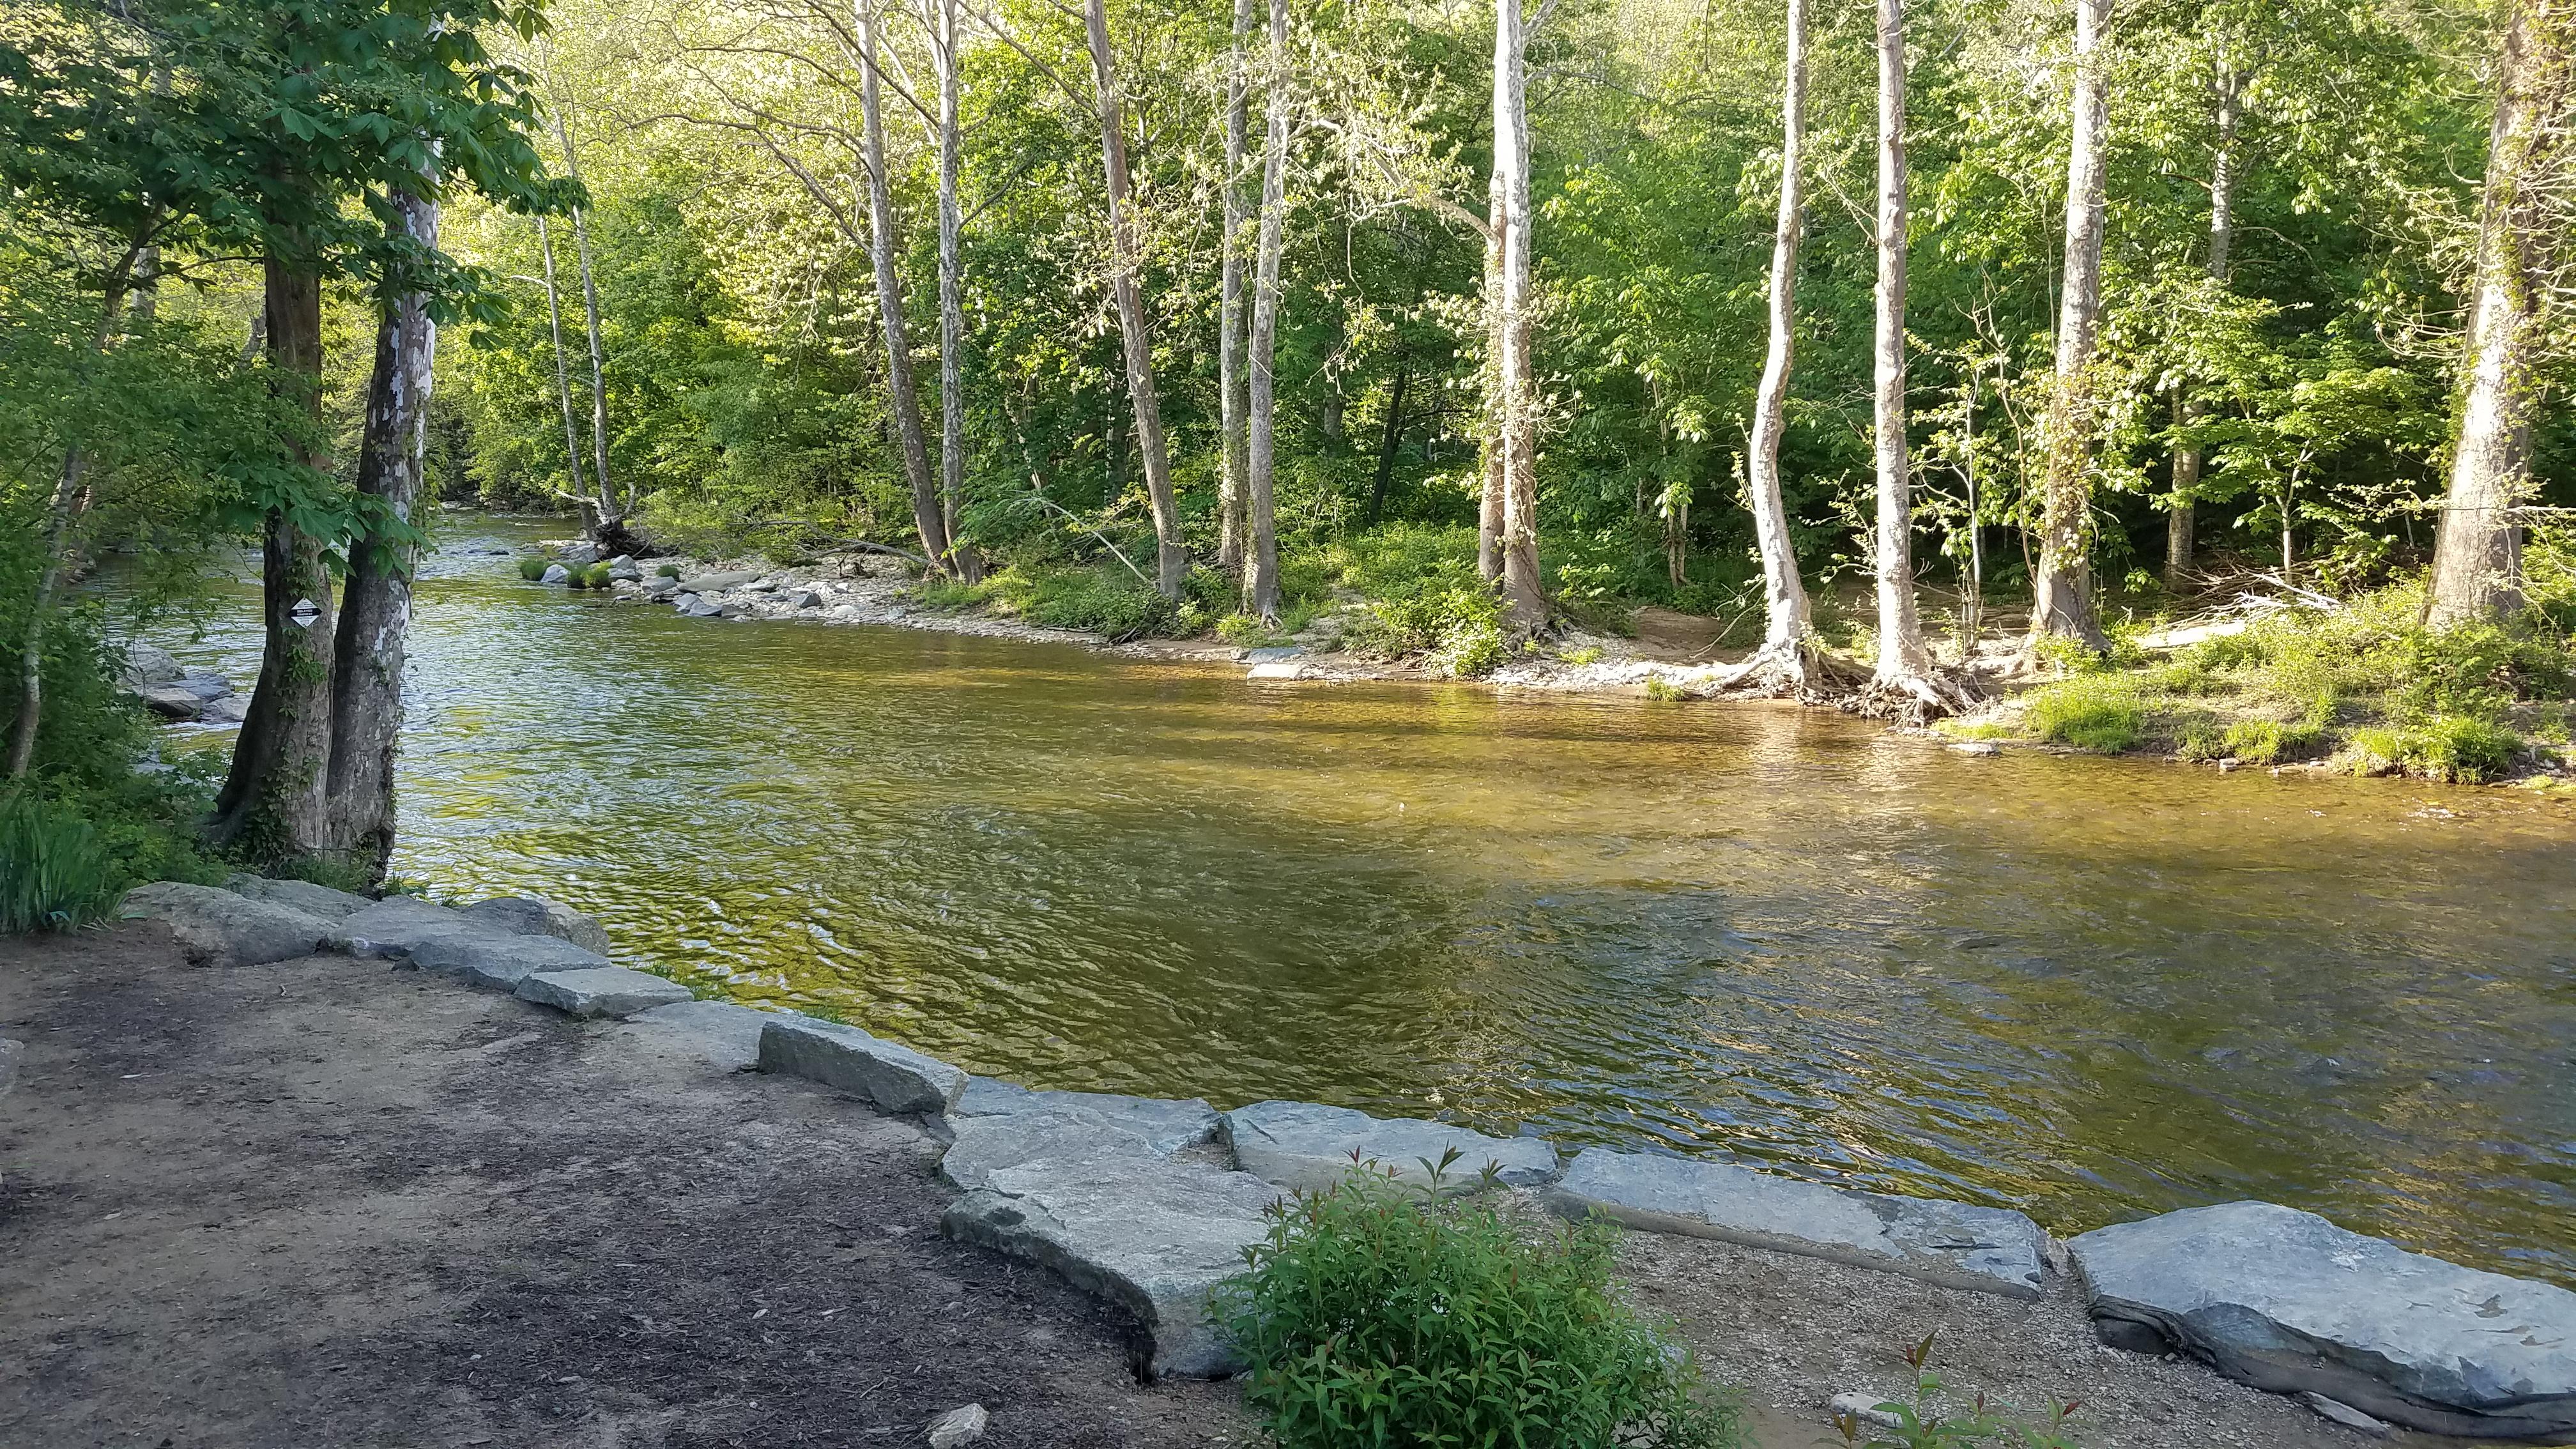 Valle Crucis Park Watauga River Access